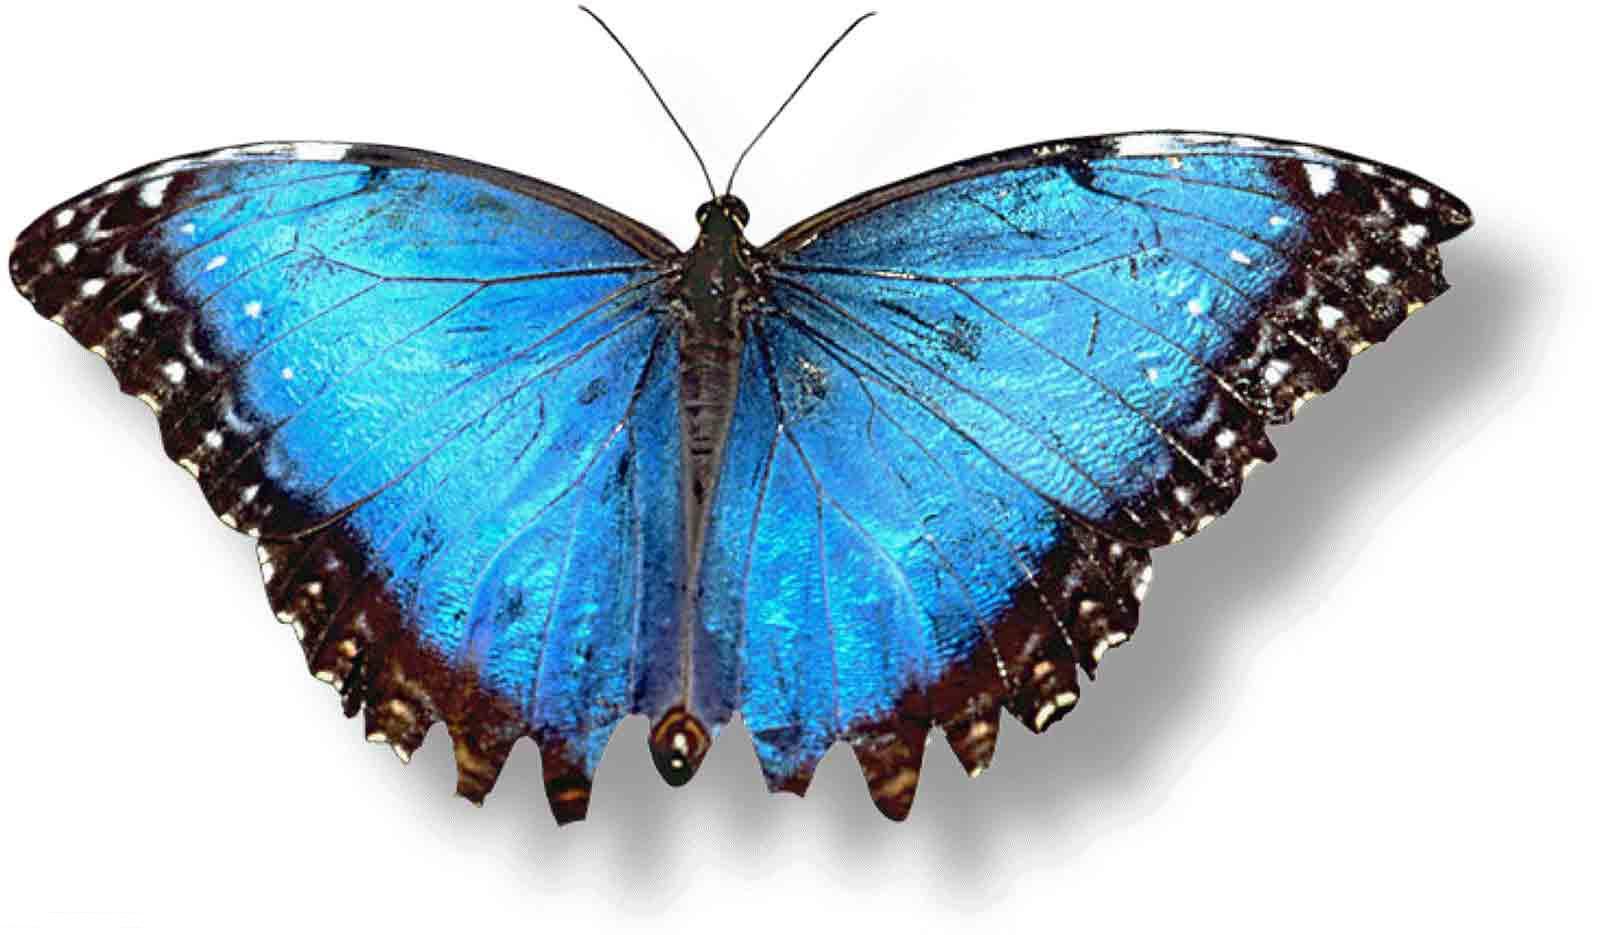 besttopdesktopbutterflieswallpaperhdbutterflywallpaper49.jpeg